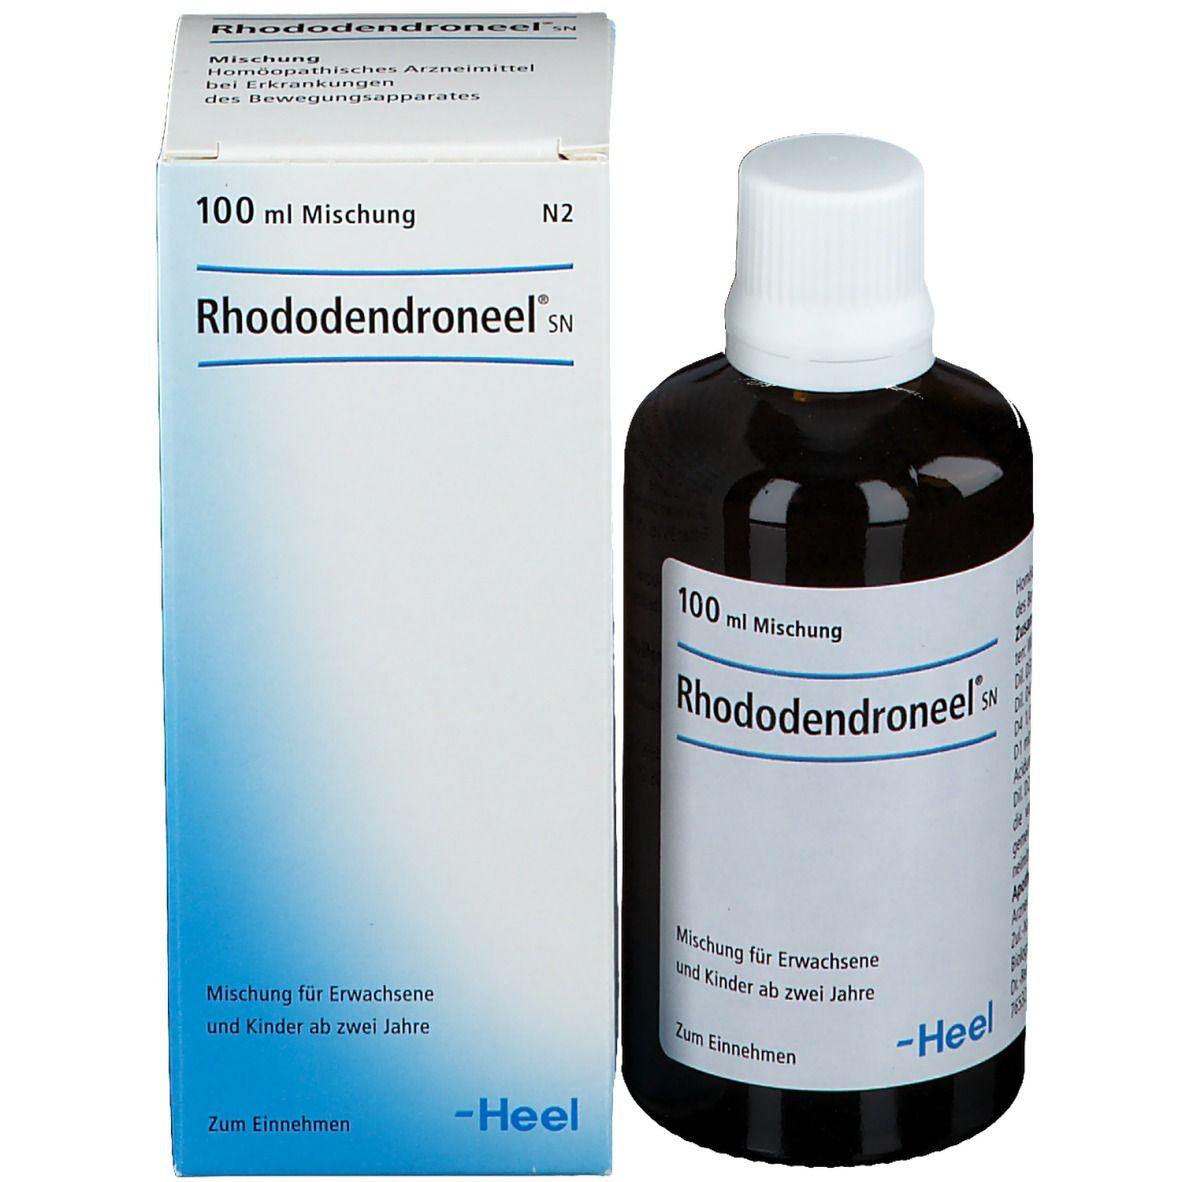 Rhododendroneel® SN Mischung